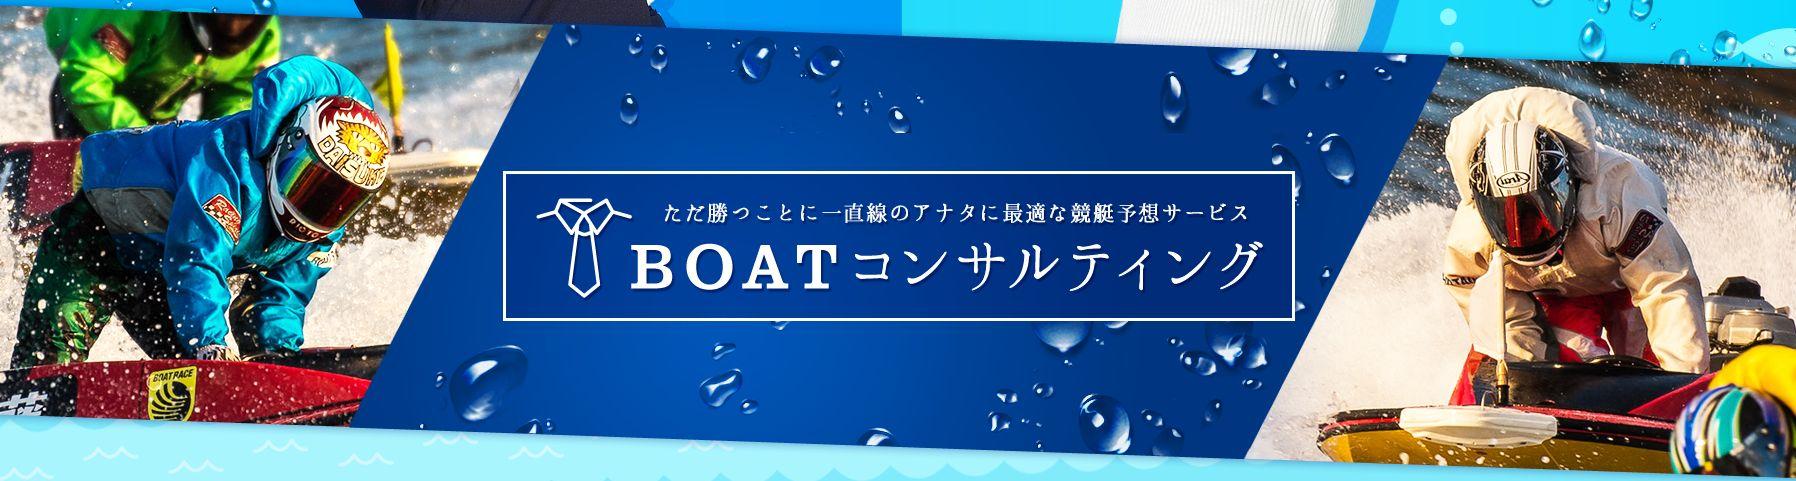 BOATコンサルティング_ビッグブルー